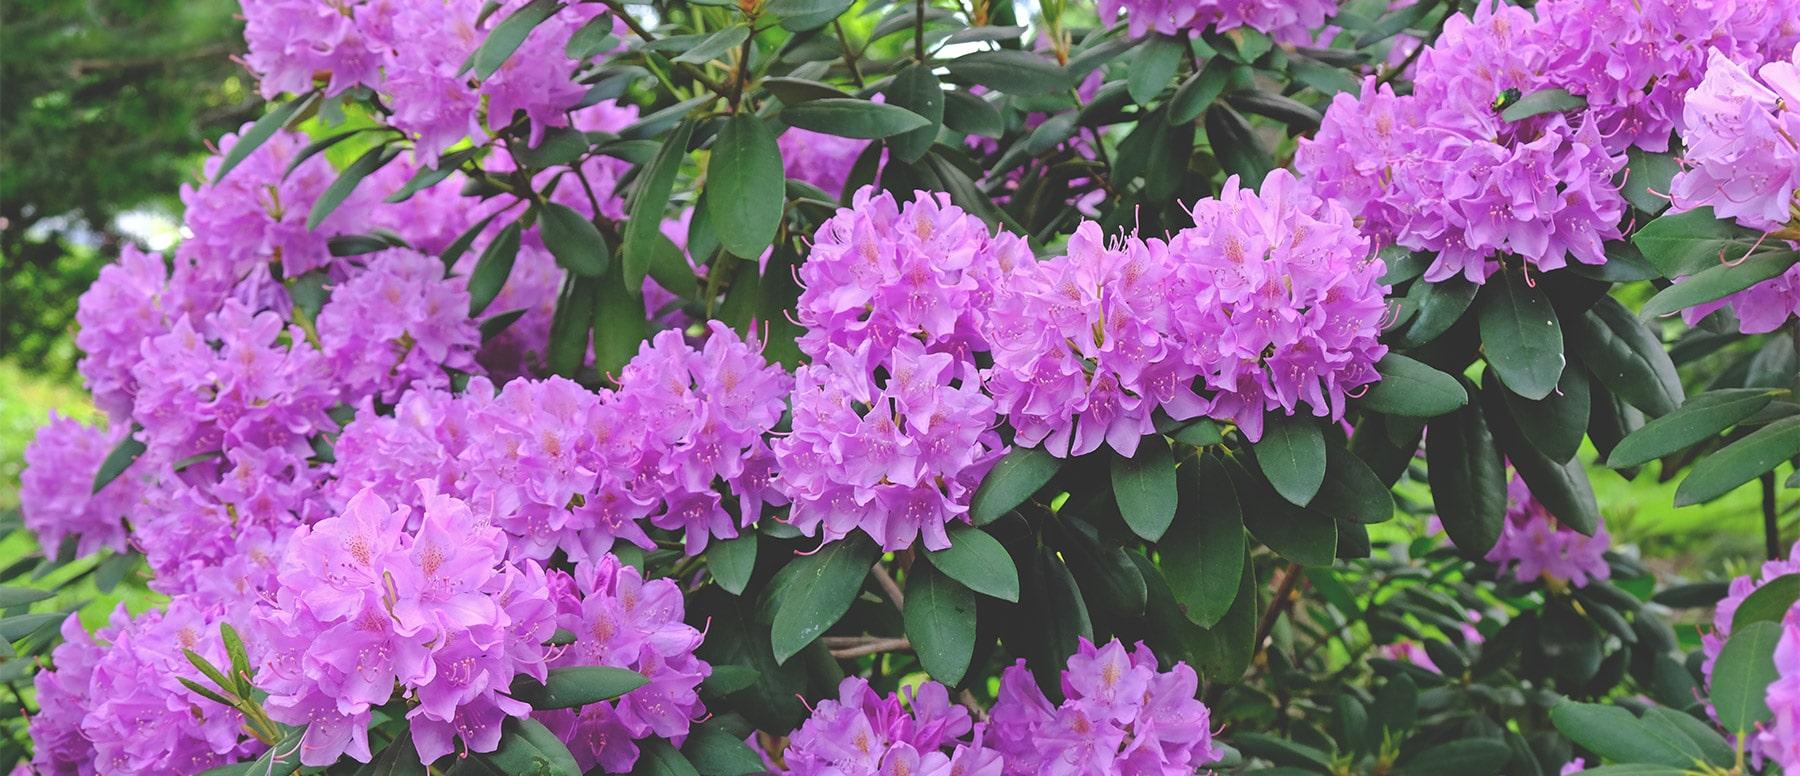 Bluehende Pflanzen dank einer Rhododendronerde